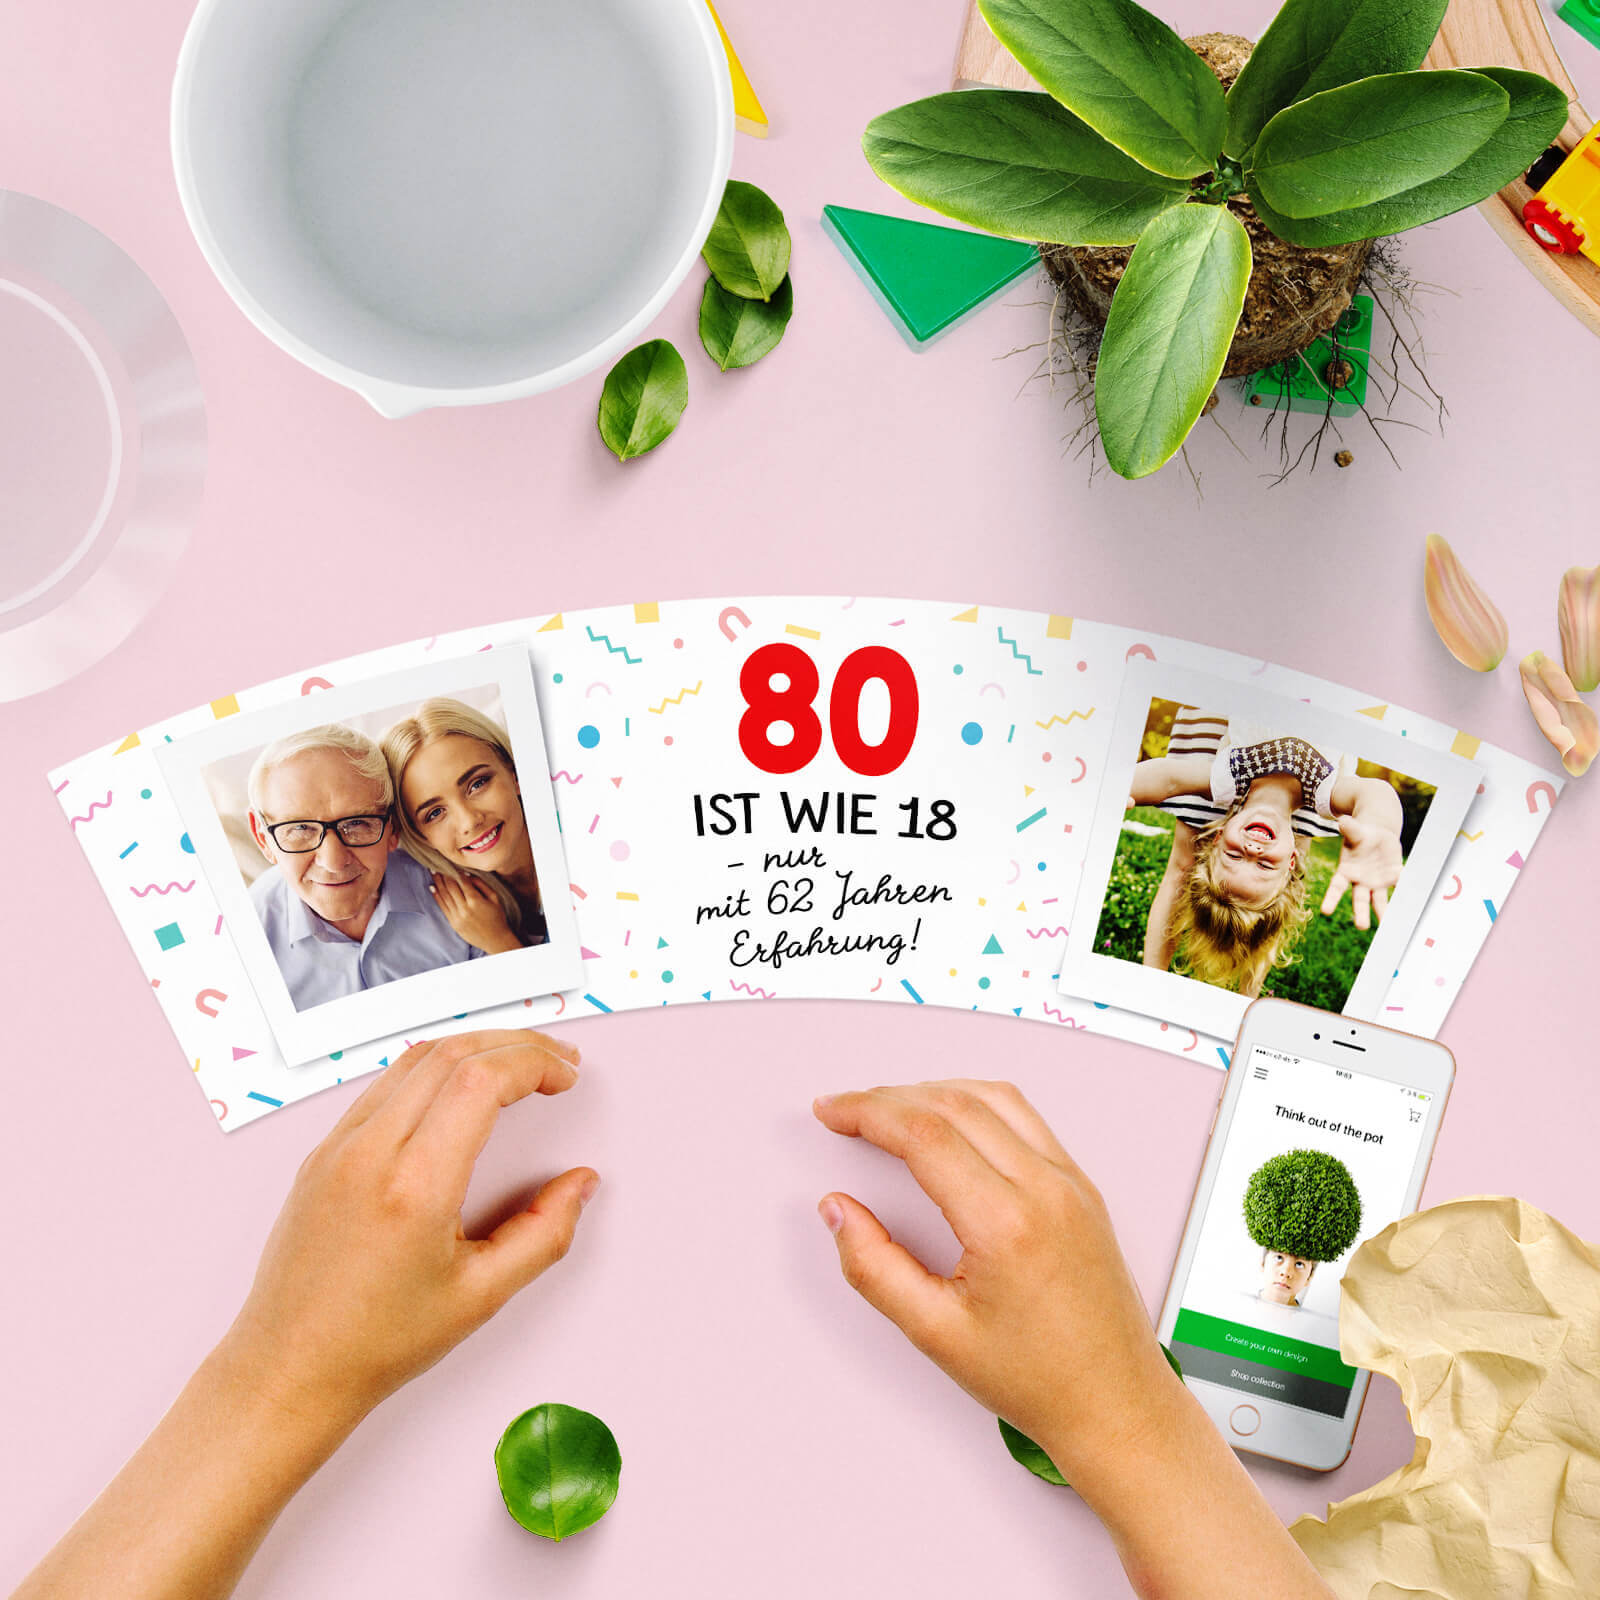 Geburtstagswünsche zum 80 Geburtstag Spruch